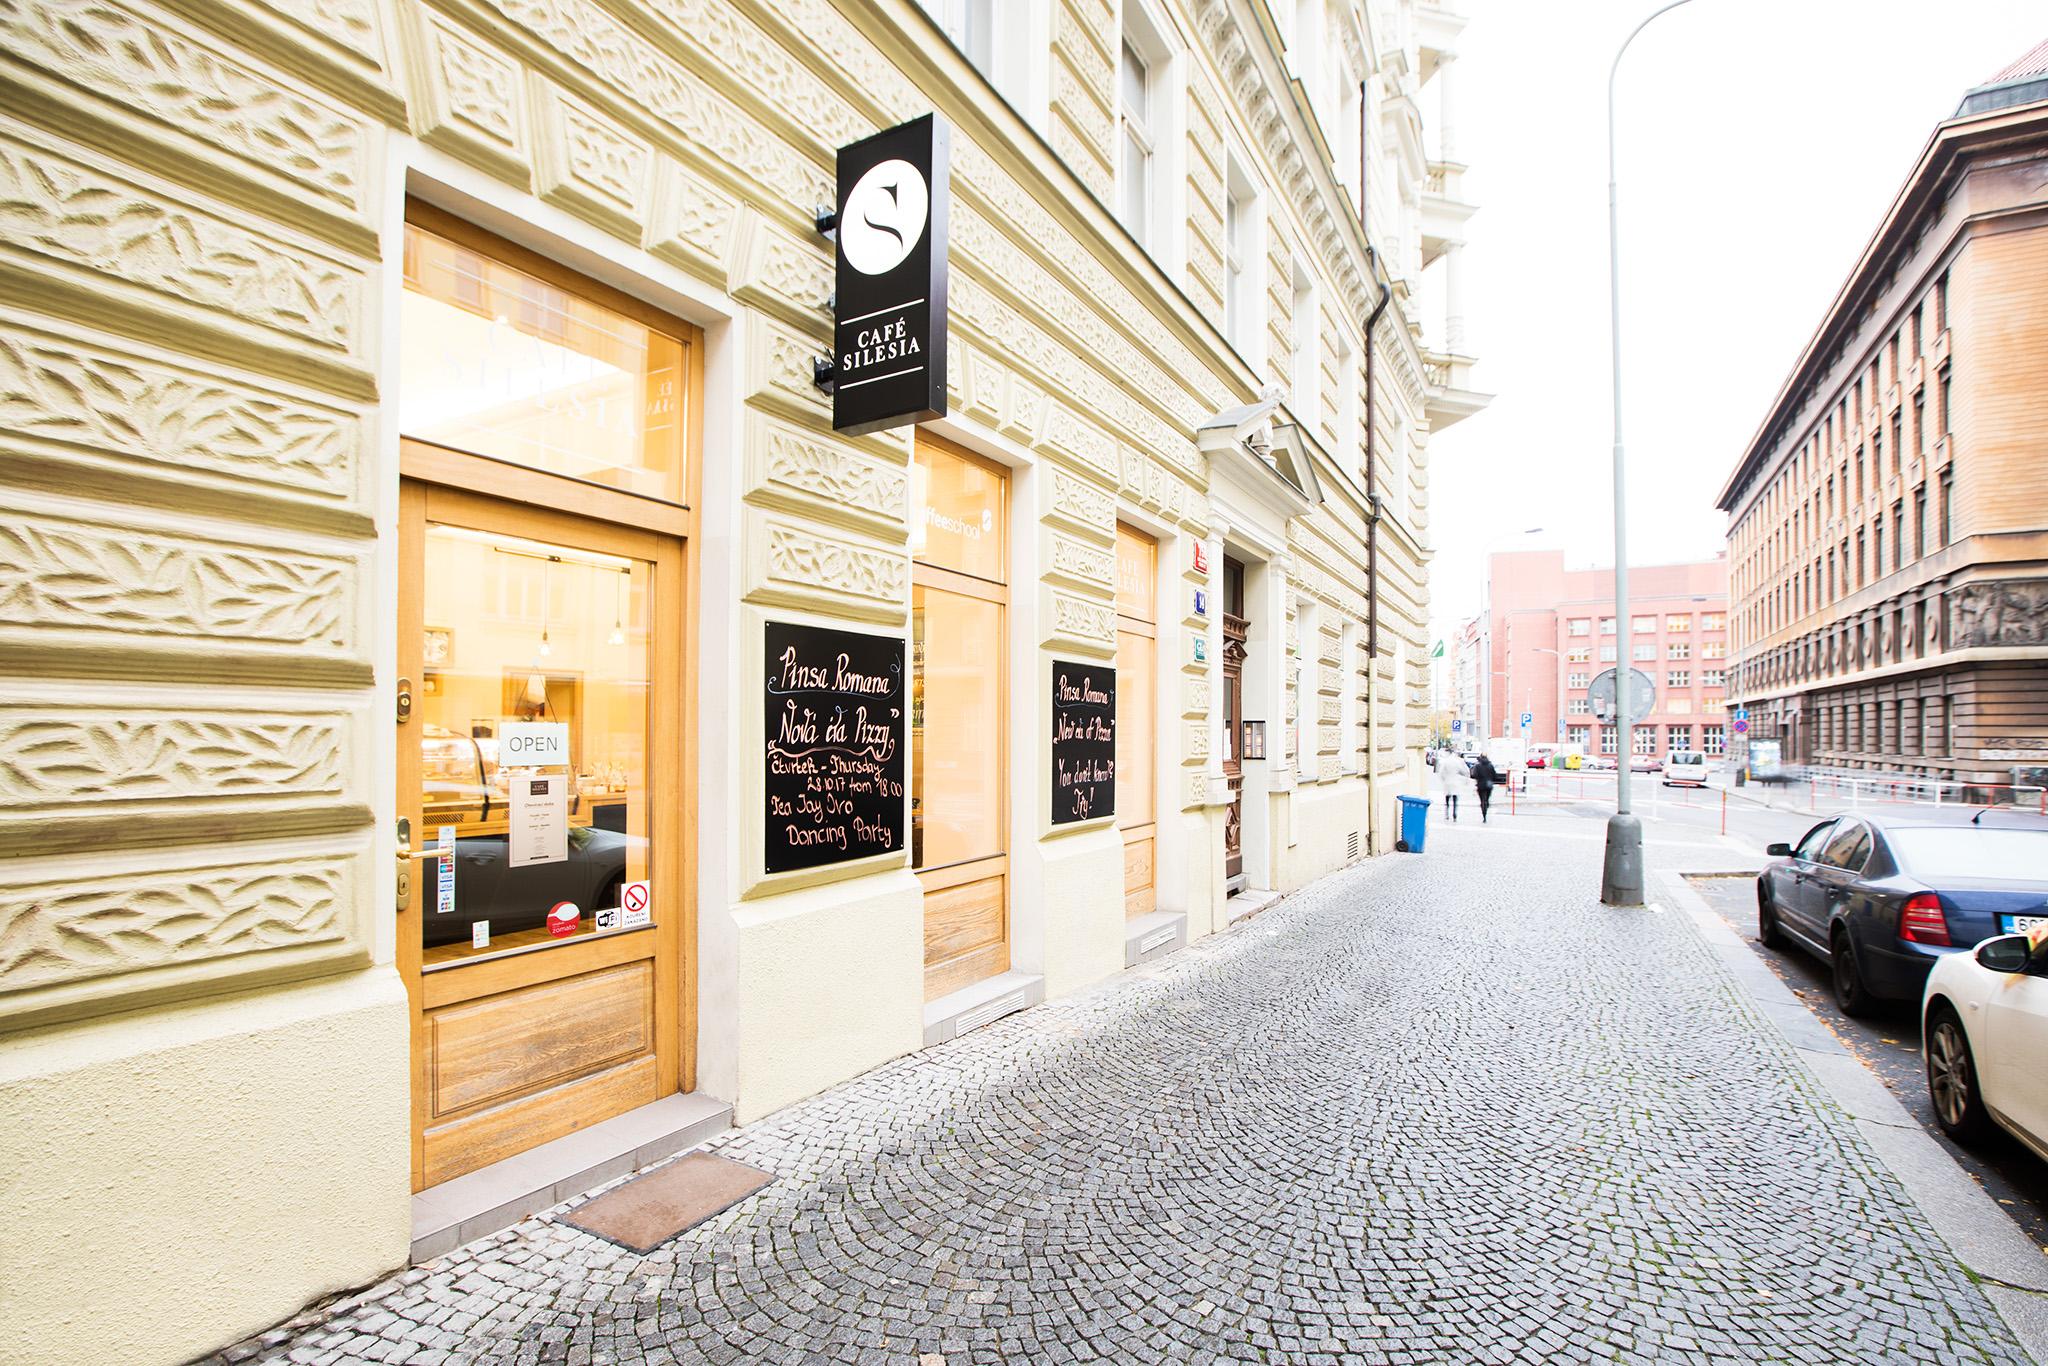 O Café Silesia